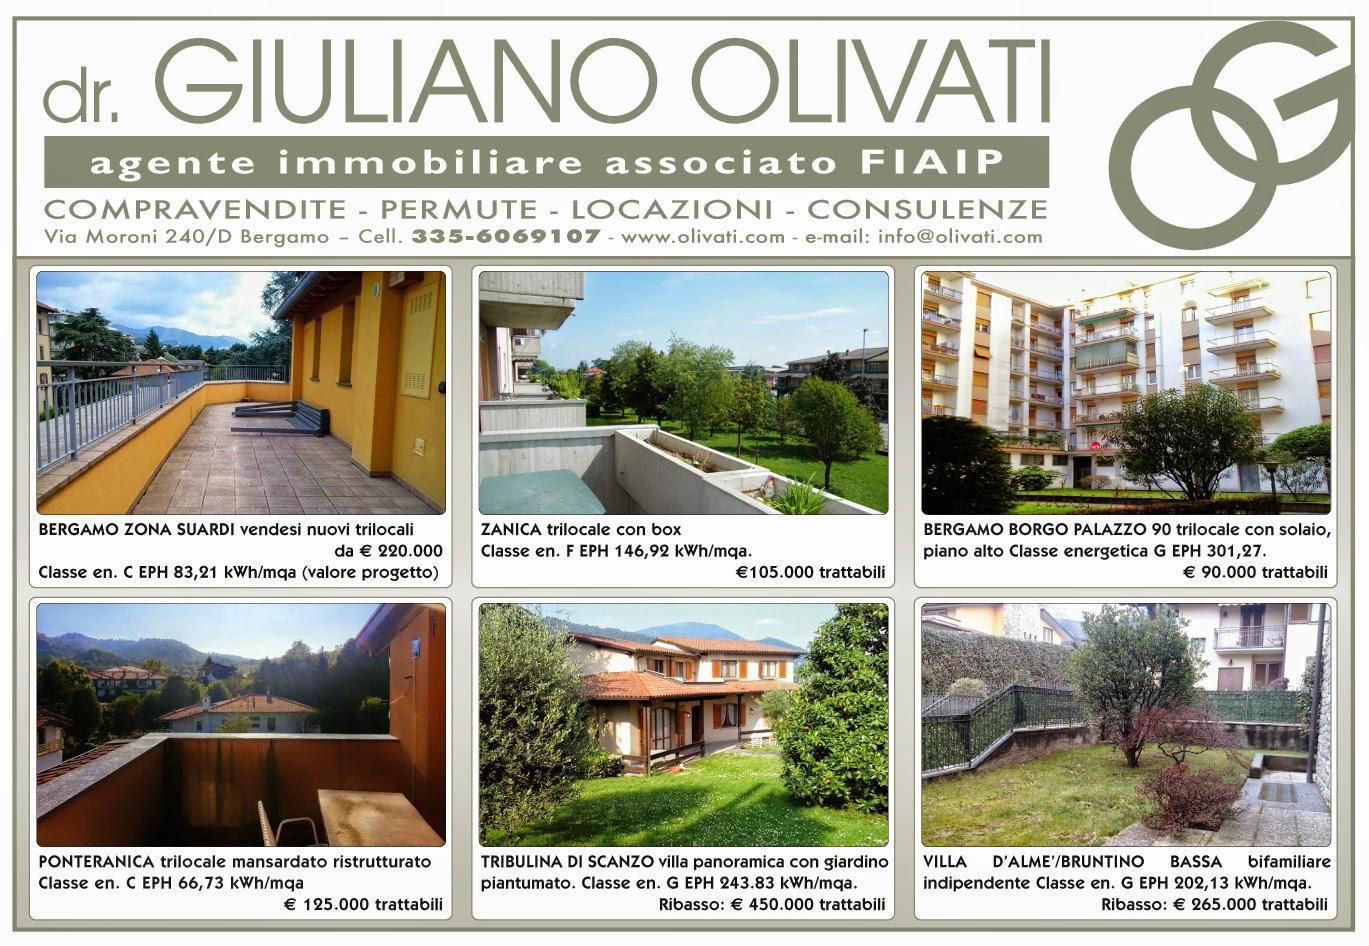 Agenzia immobiliare bergamo olivati casa olivati for Ammobiliare casa